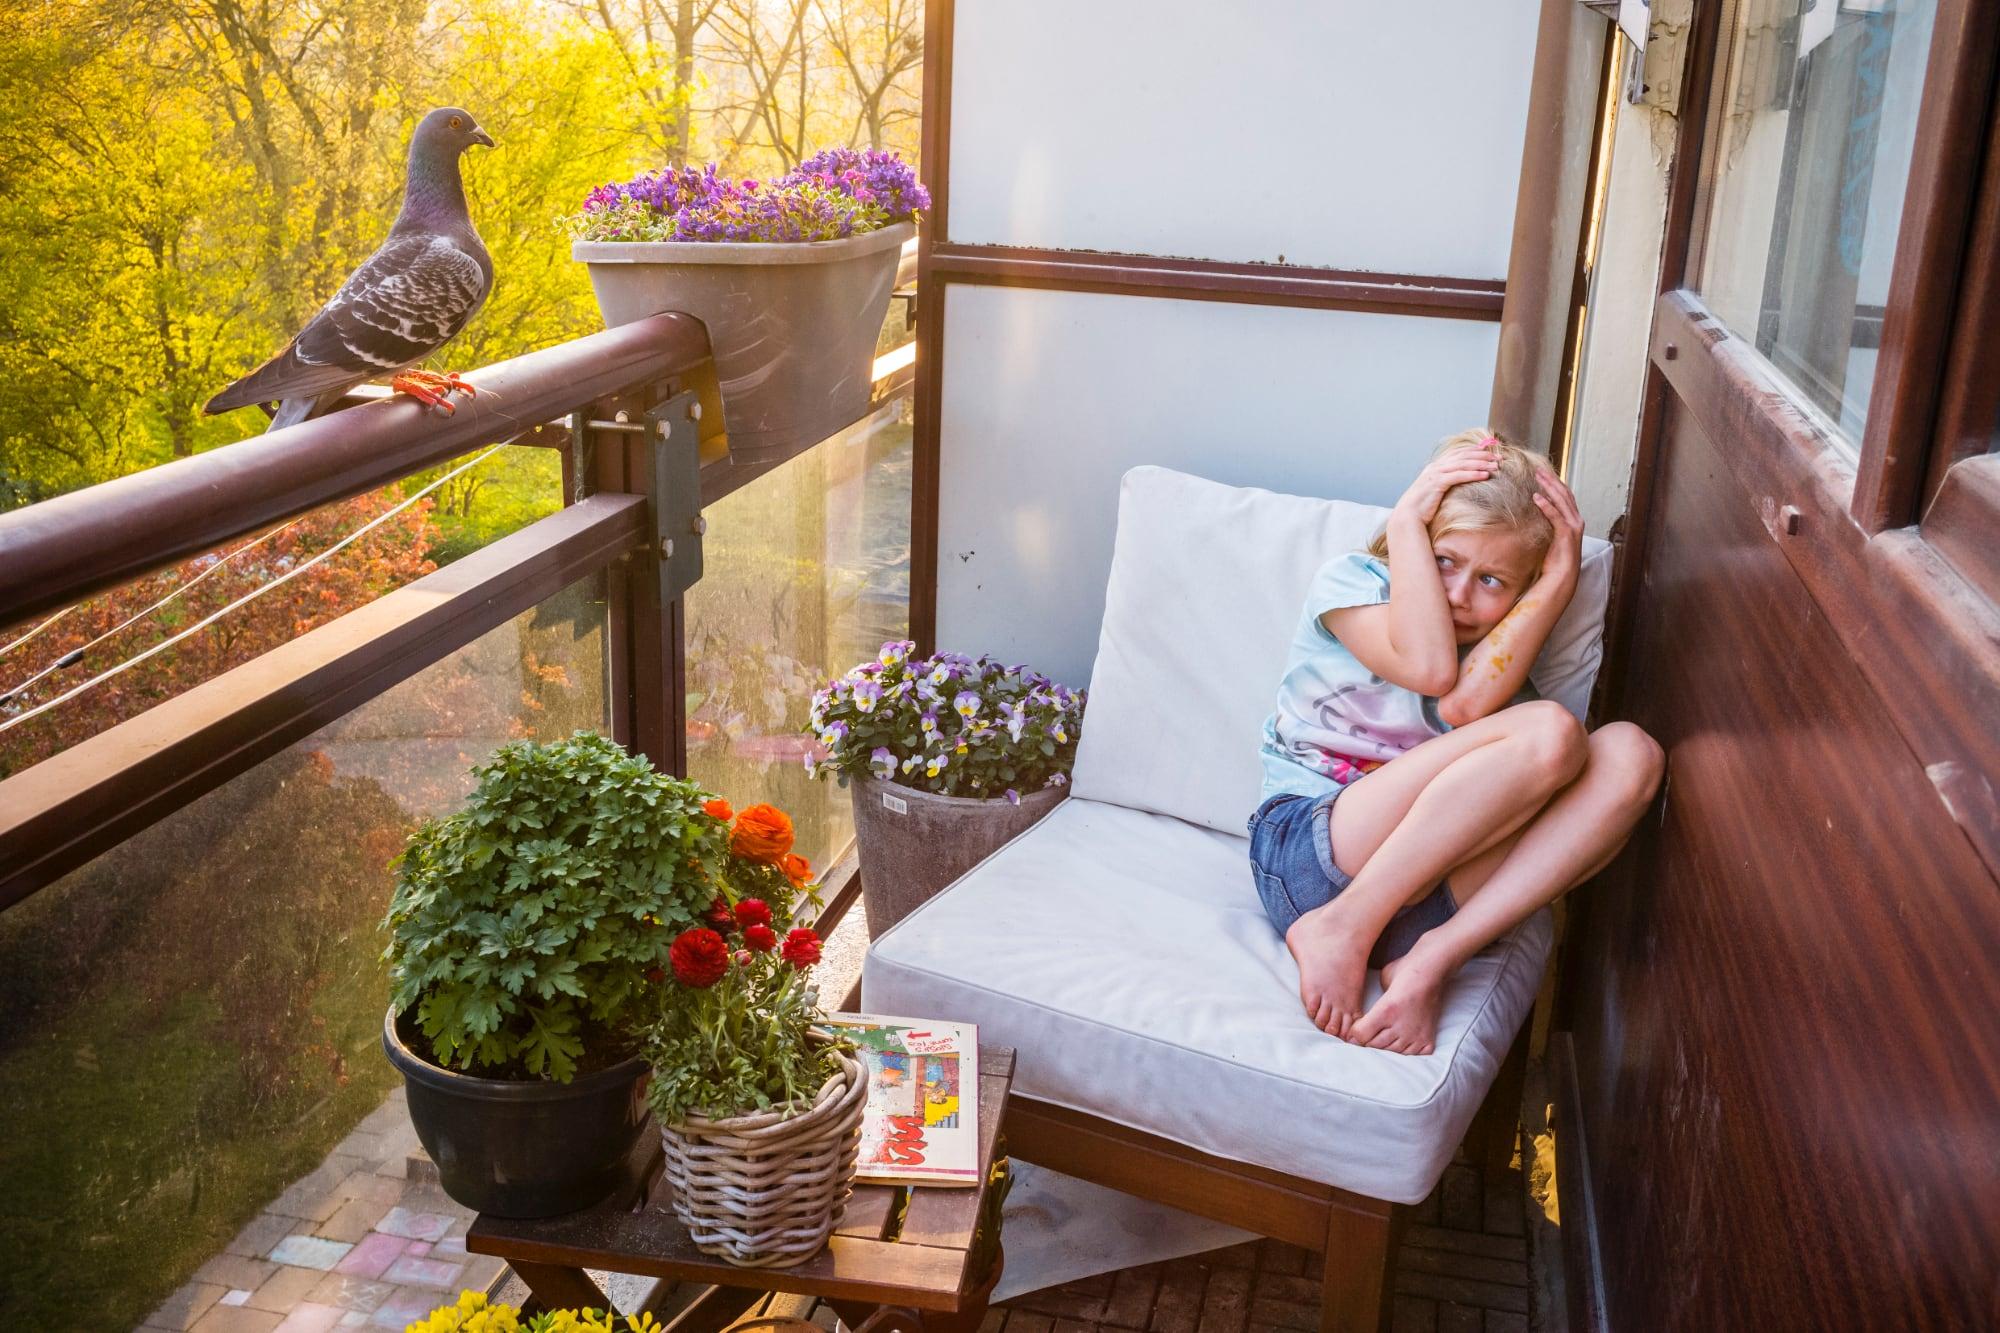 Pandemic Pigeons - A Love Story door fotograafJasper Doest, genomineerd voor World Press Photo 2021 - meisje op balkon bang voor duif